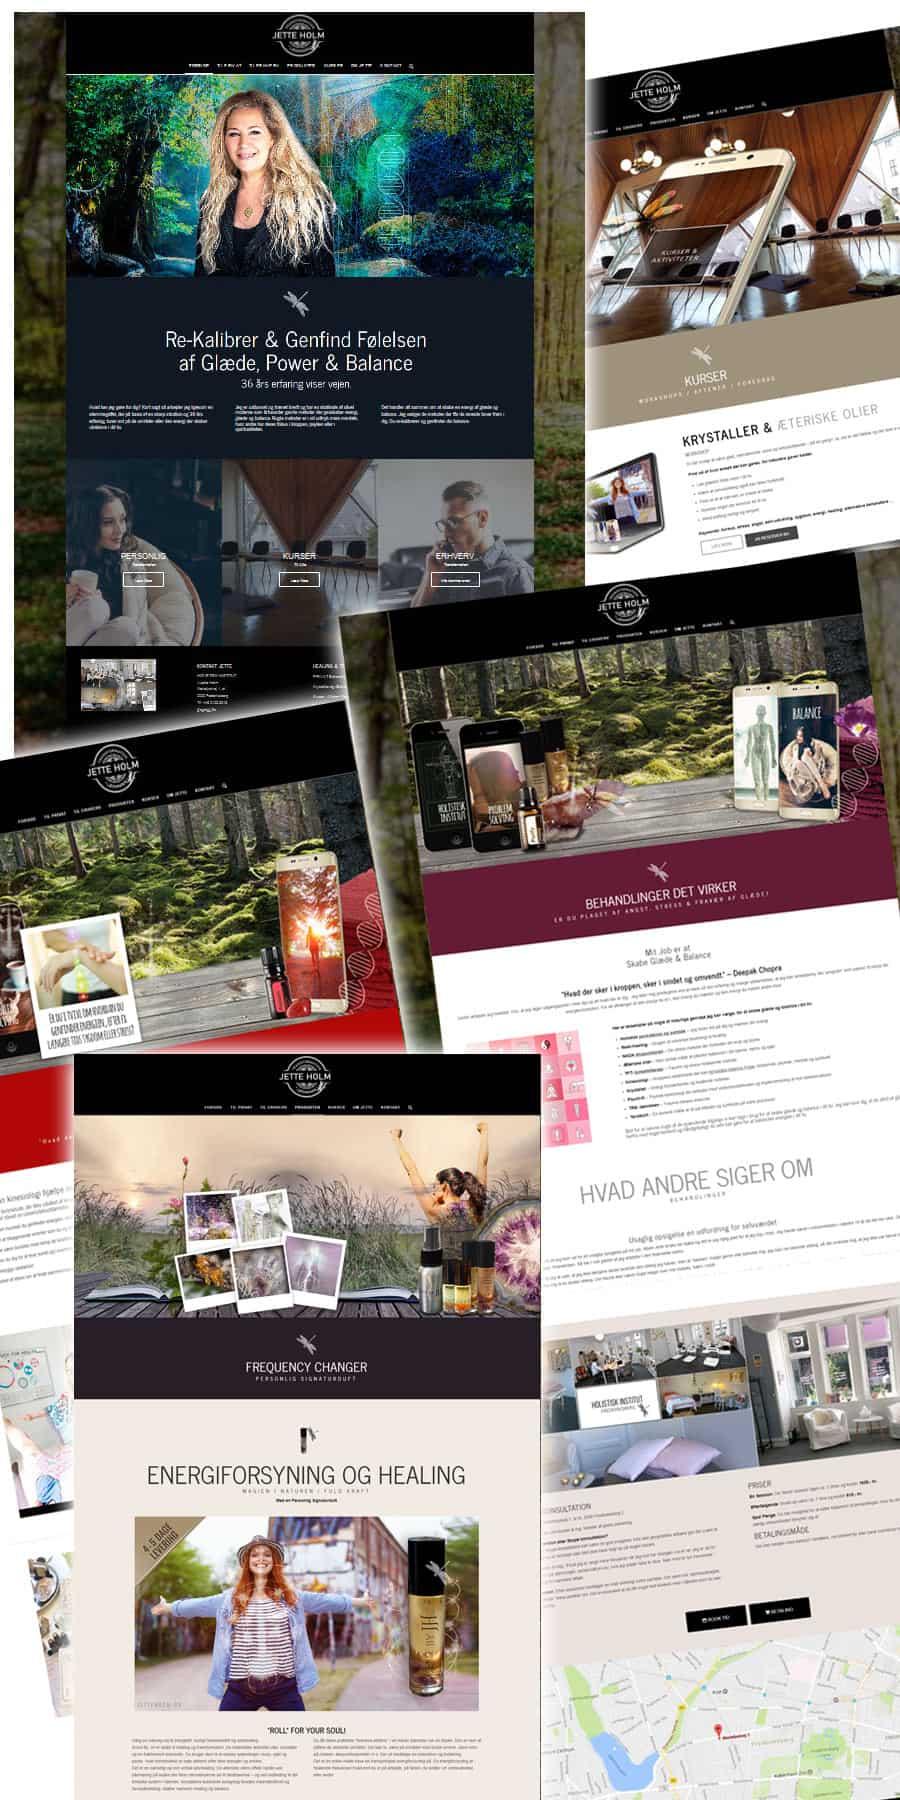 Wordpress hjemmeside sider efter screenshots fra Jetteholm.dk